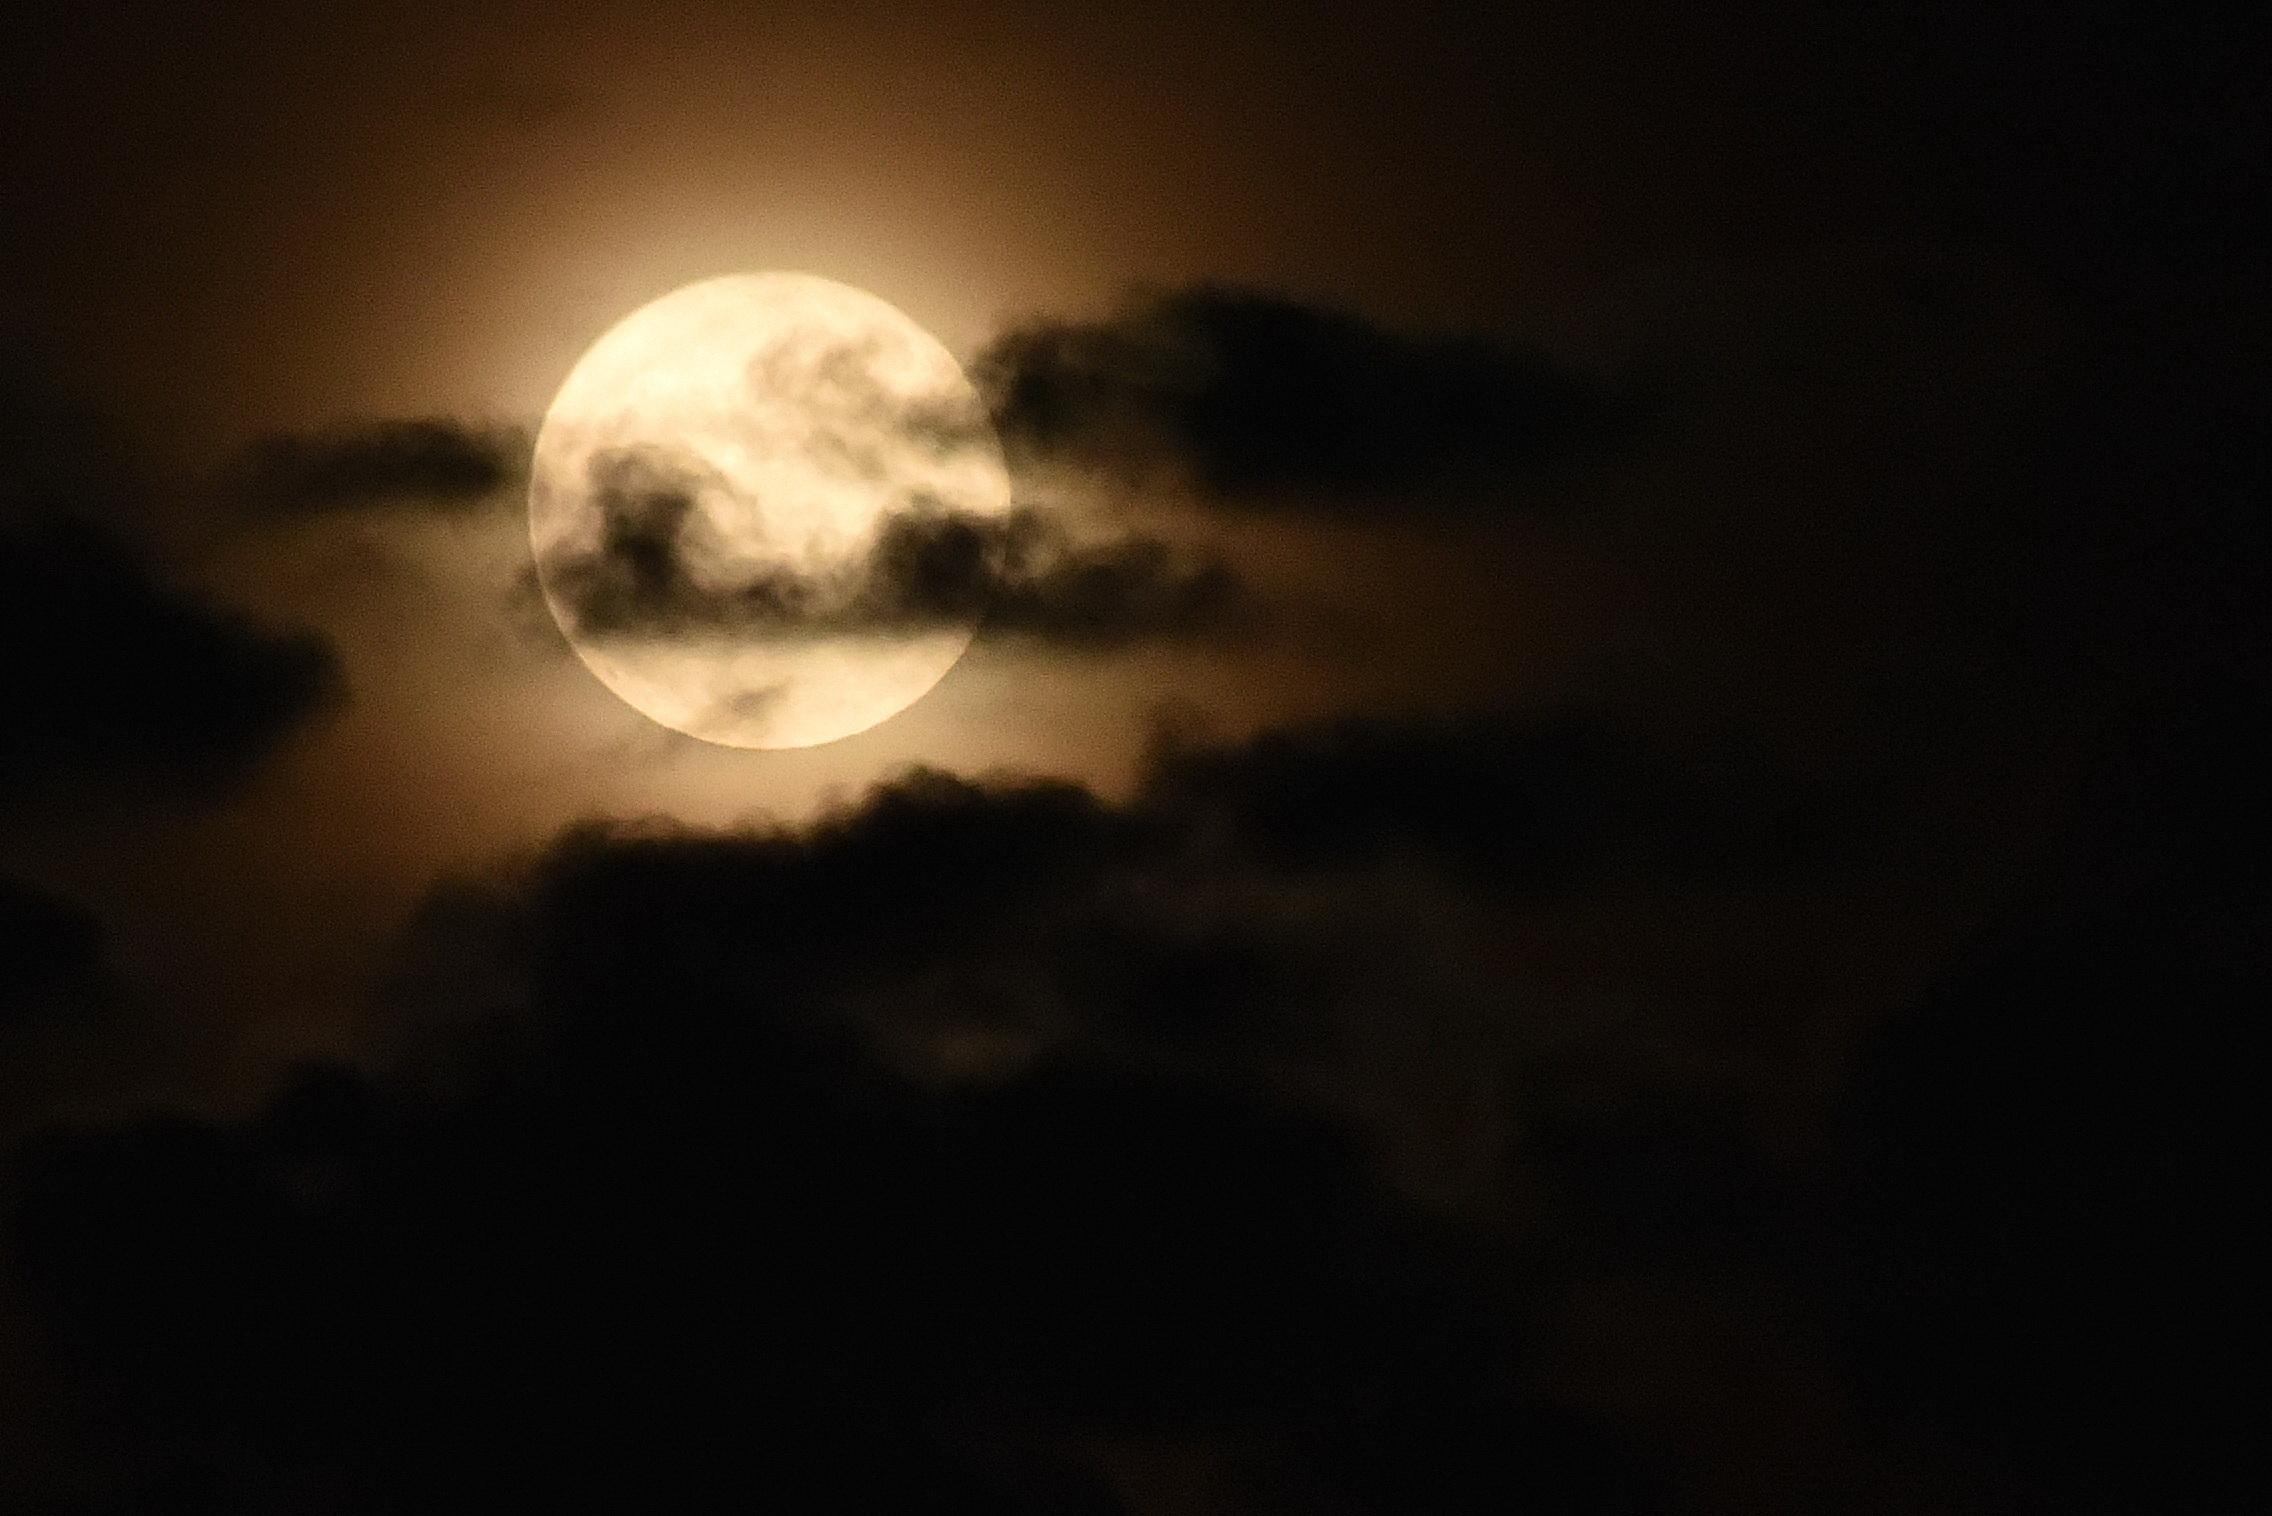 AS7_moon5.JPG